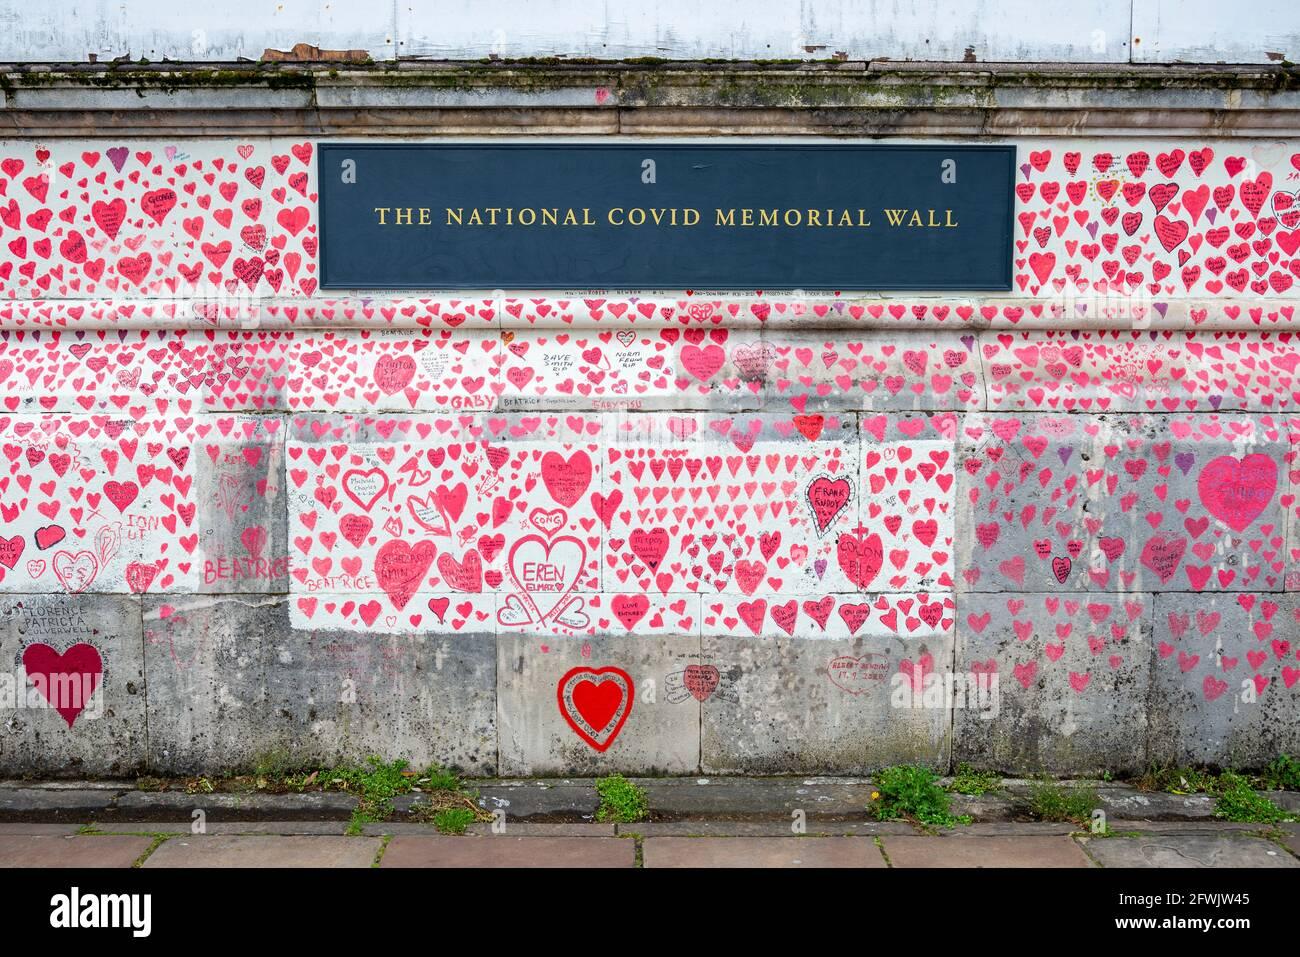 National Covid Memorial Wall en un sombrío día nublado en Lambeth, Londres, Reino Unido. Corazones rojos dibujados en una pared que representa cada muerte de COVID 19. Malezas Foto de stock